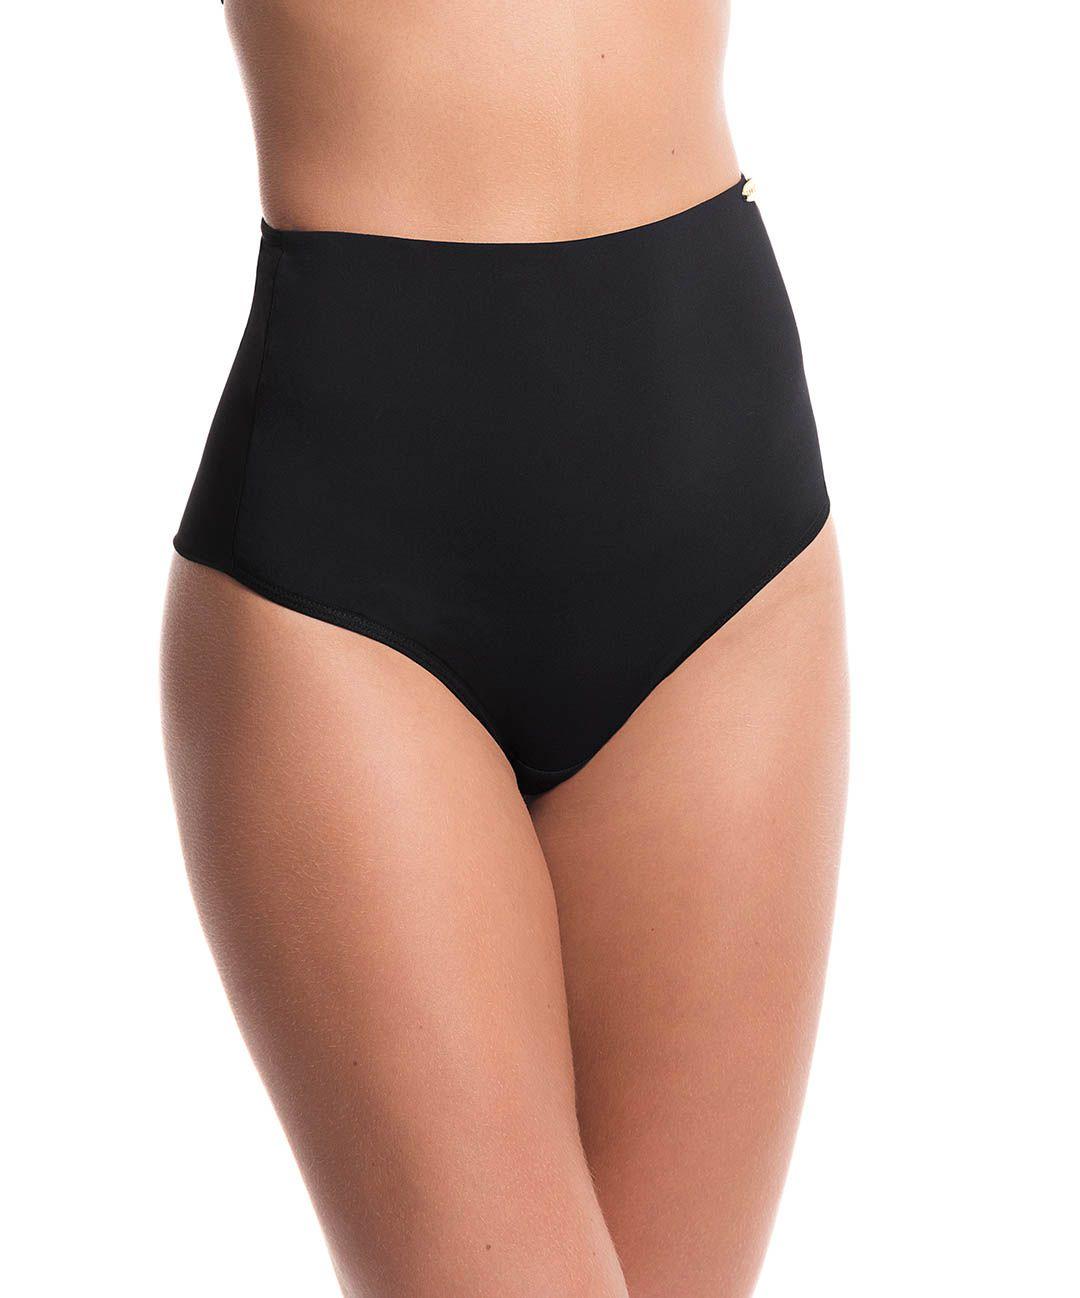 Calcinha Hot Panty Modeladora